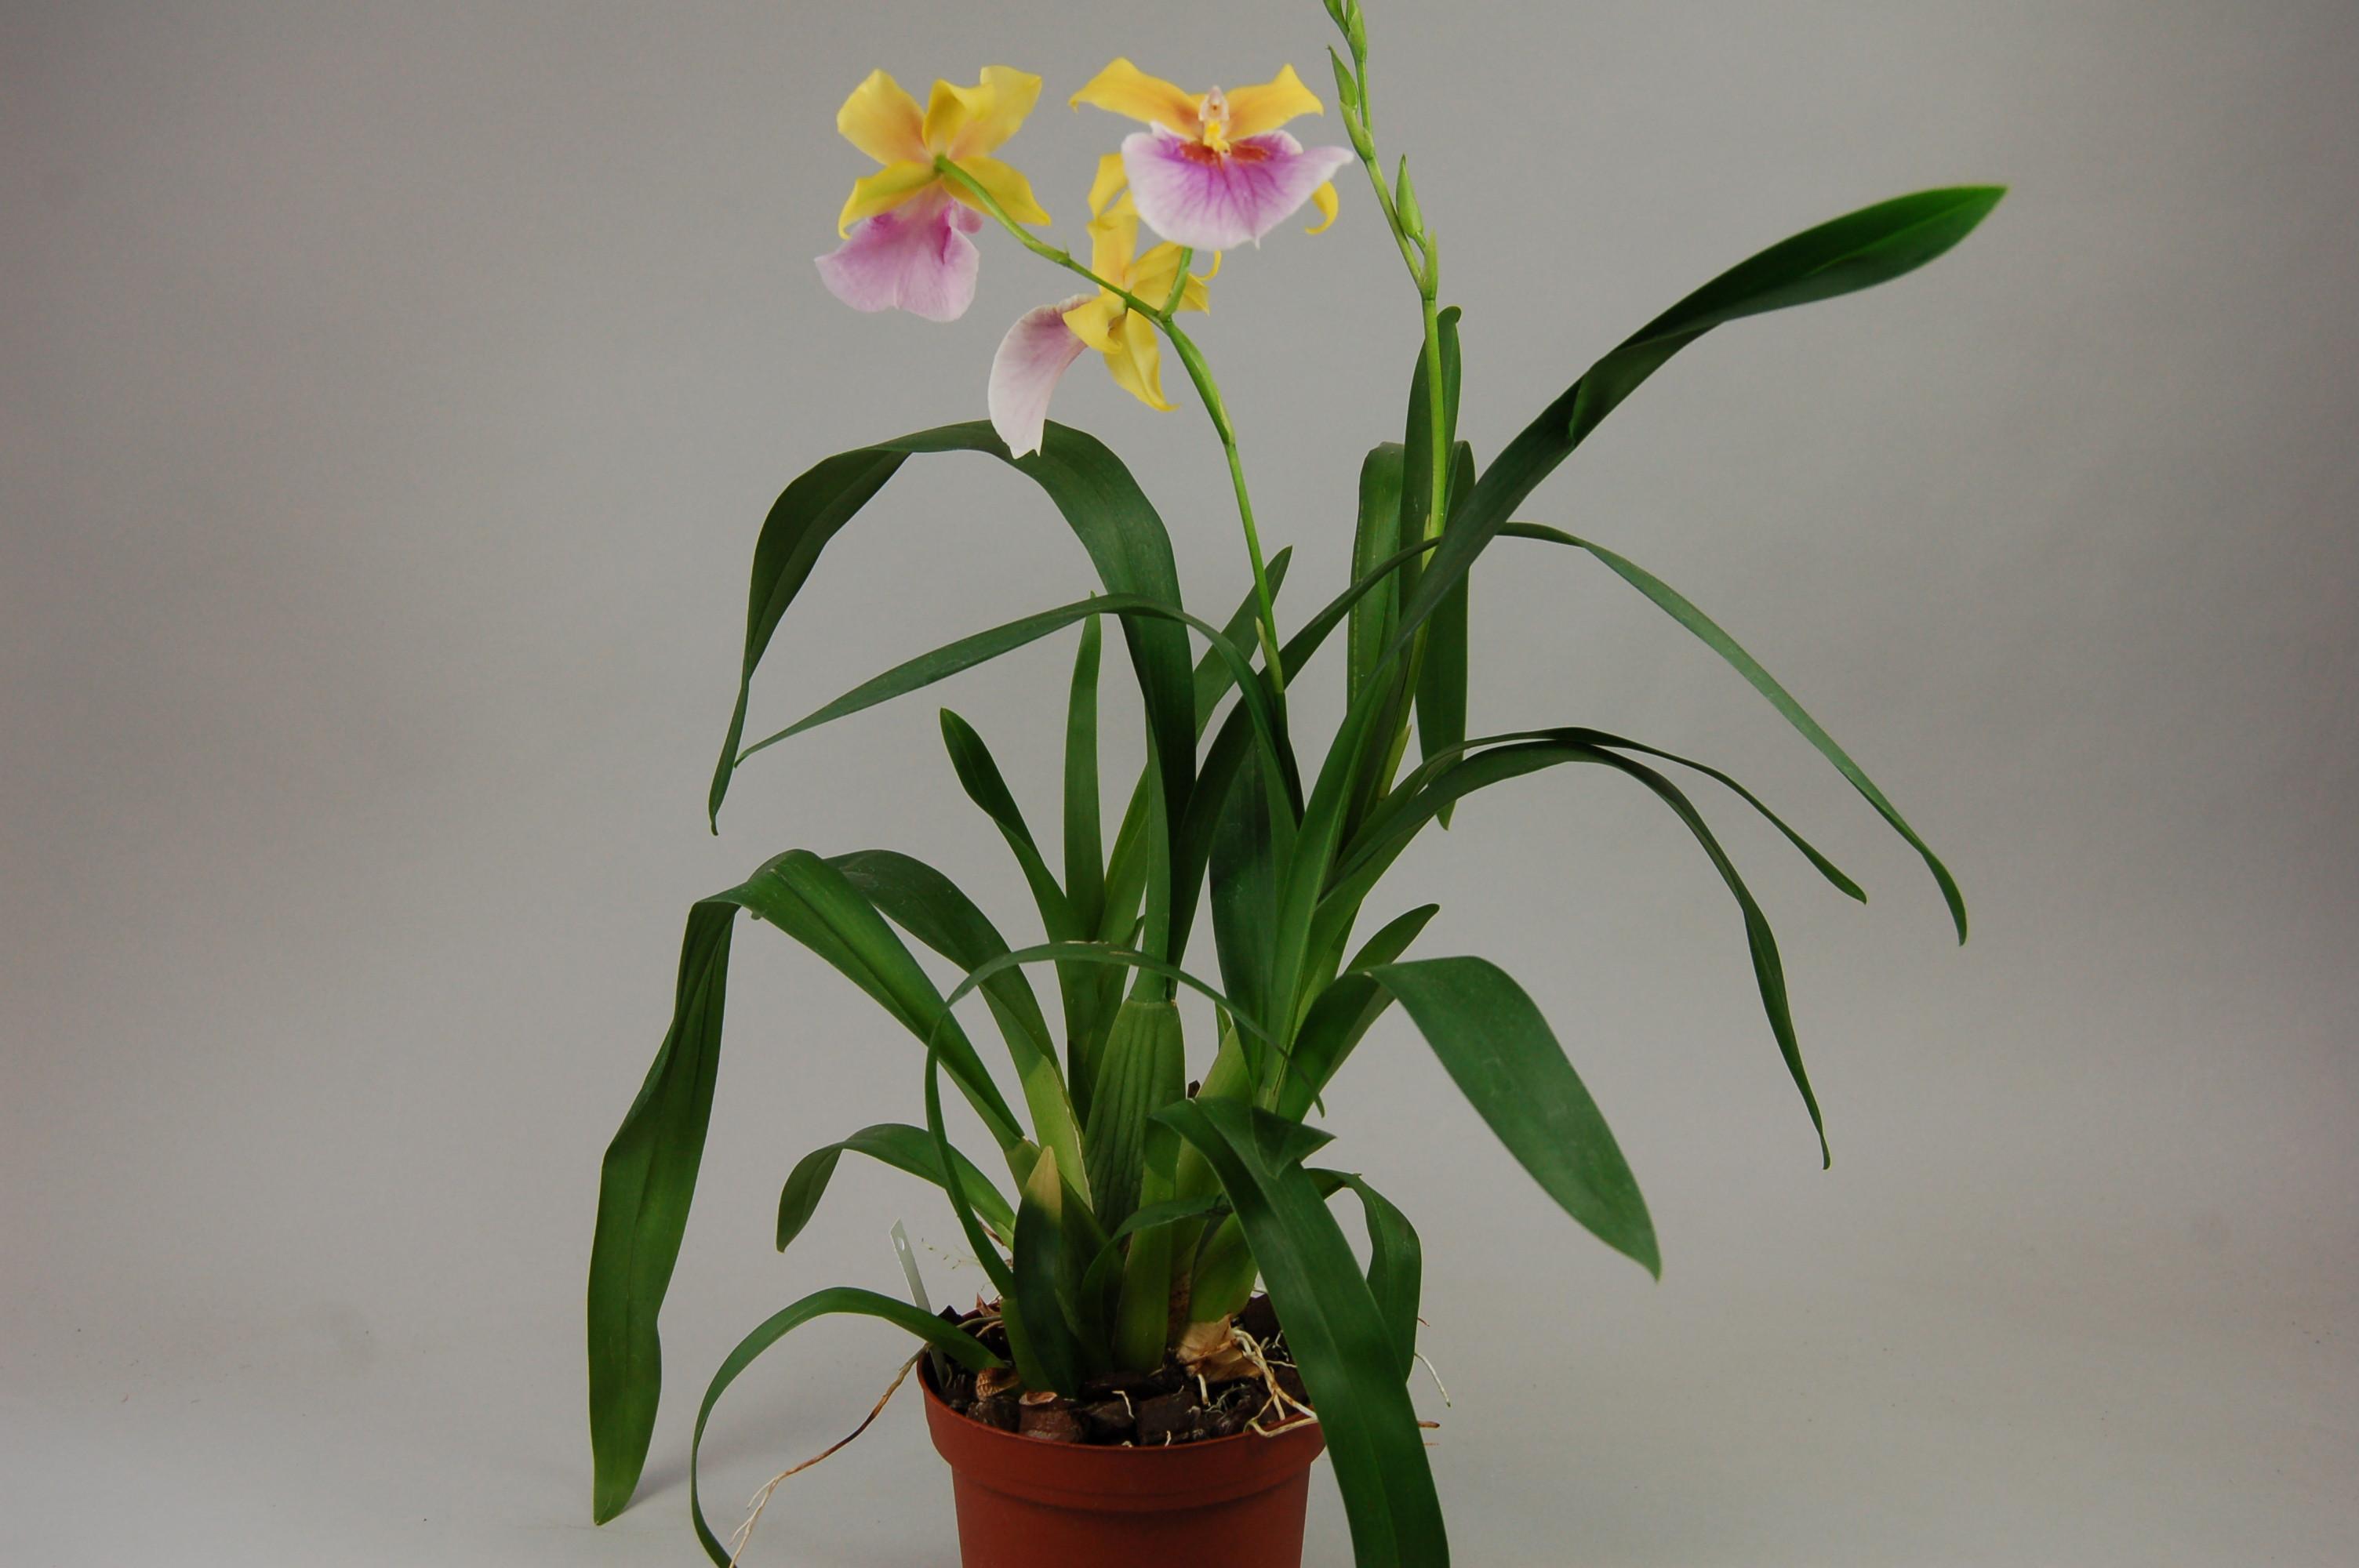 miltonia sunset hybride orchideen h chste g rtnerische qualit t und erfahrung. Black Bedroom Furniture Sets. Home Design Ideas